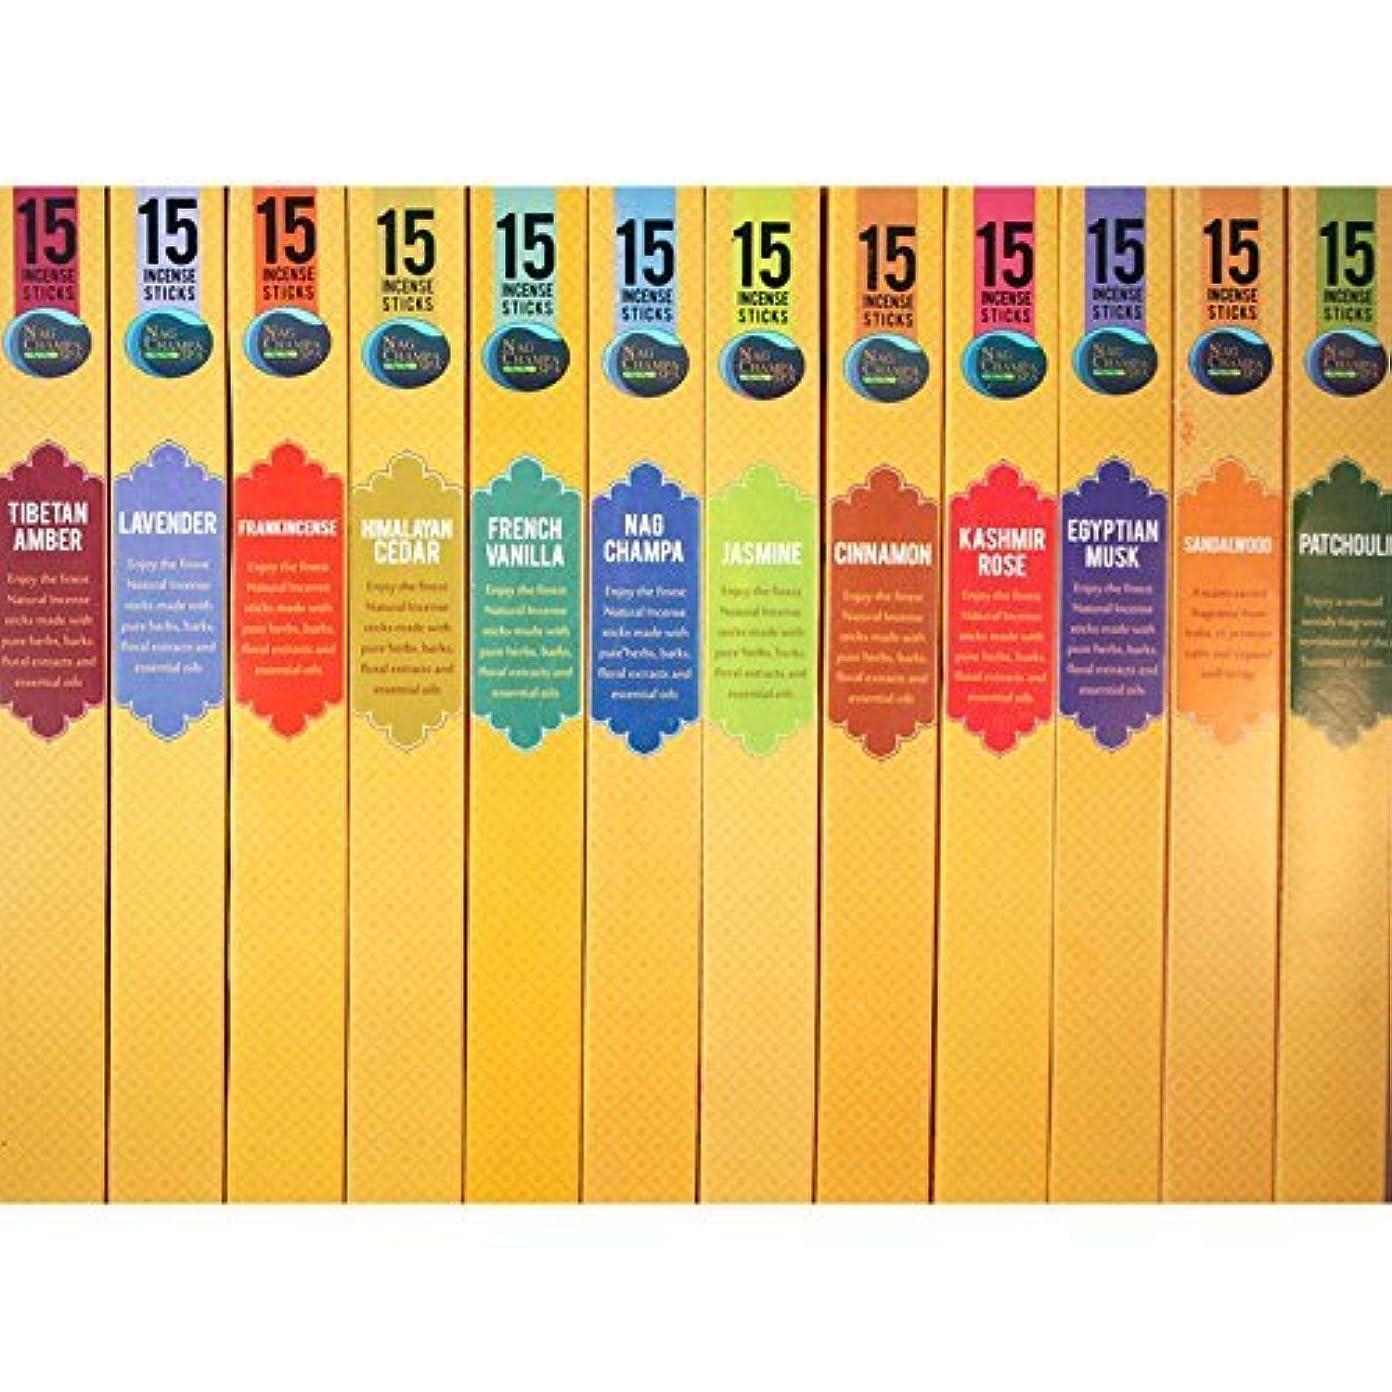 リファイン軽く不屈Spa Nag Champa Incense人気Fragrances Sampler – 12ボックス(15 Sticks Ea) Nag Champa、サンダルウッド、パチュリ、ラベンダー、ジャスミン、ムスクFrankincense...